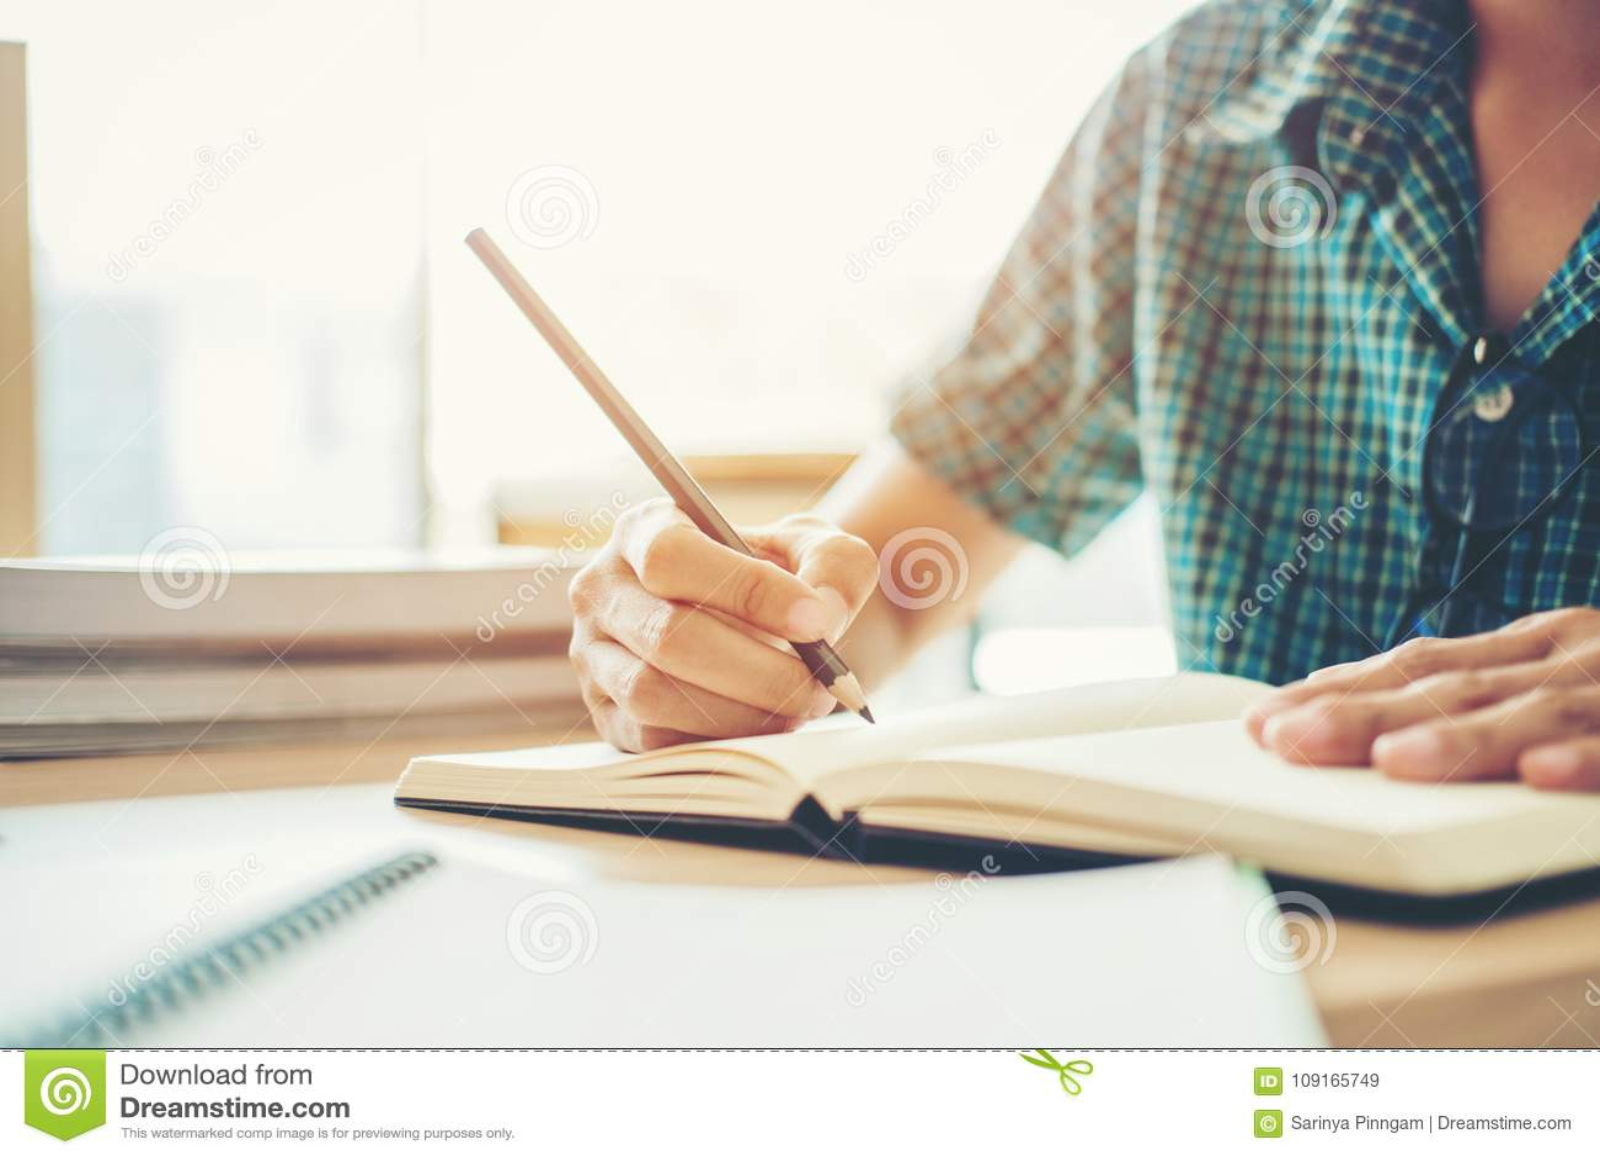 Highschool oder Student, der in der Bibliothek studiert und liest